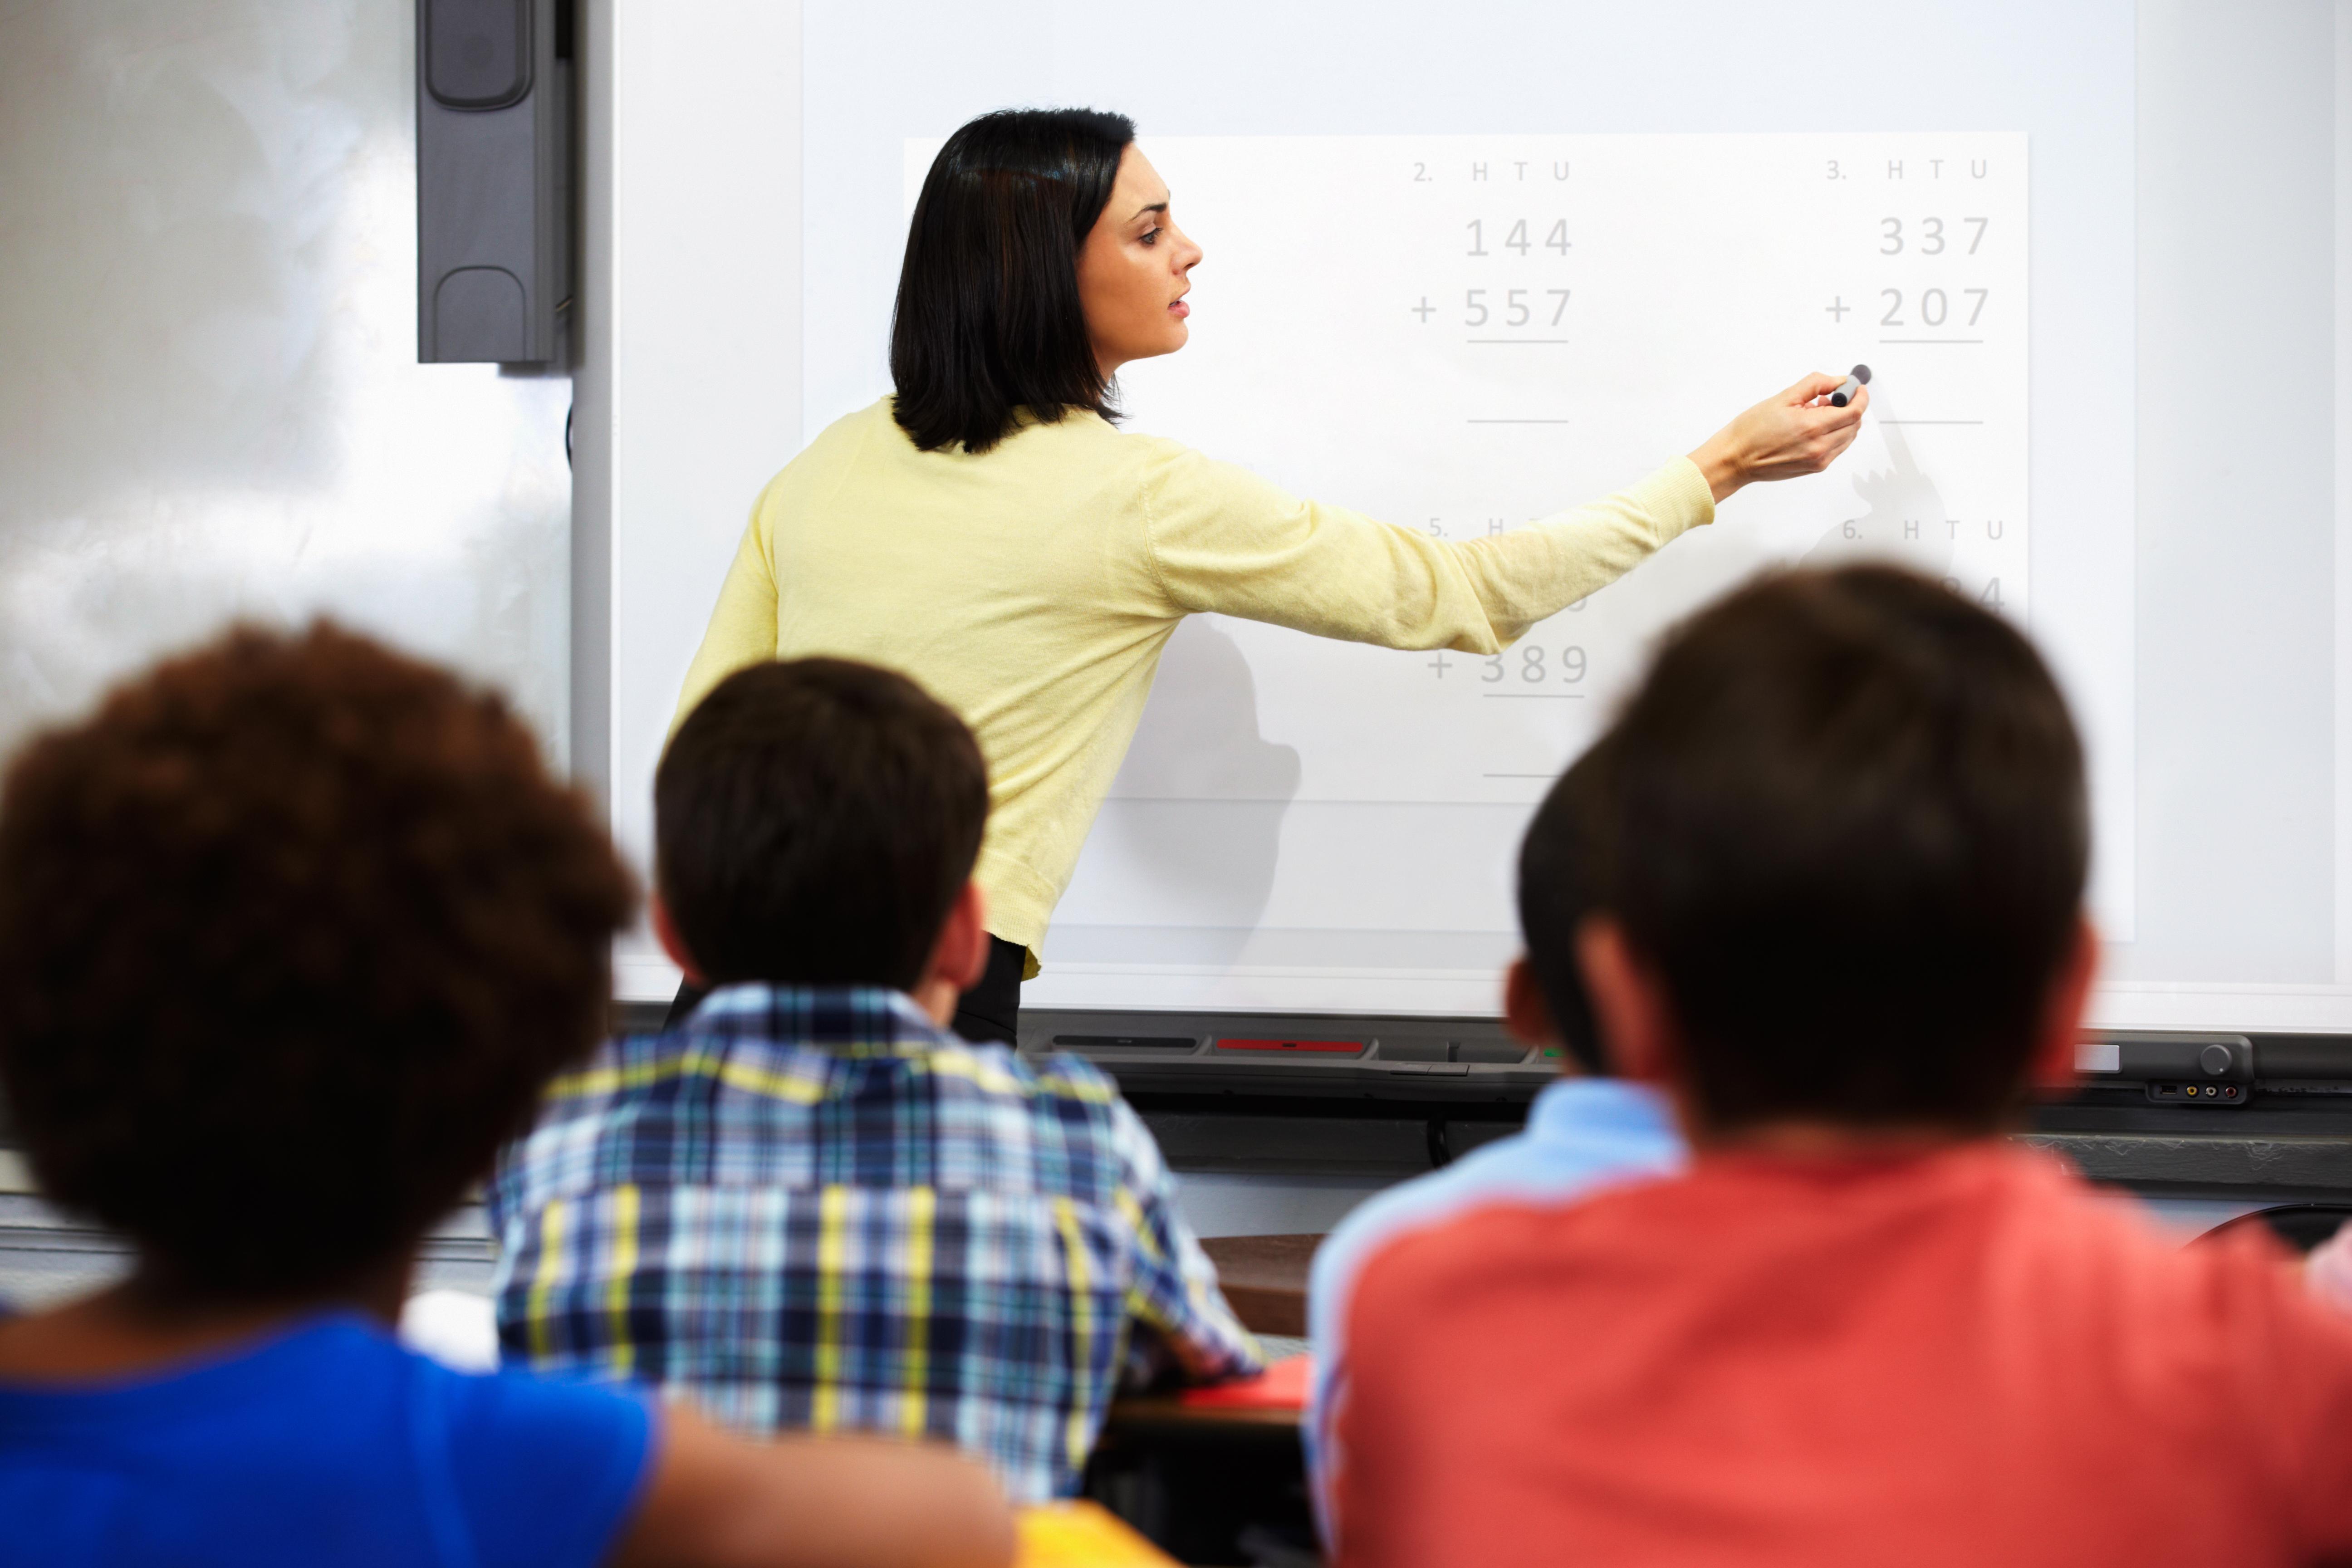 לעצב את דור העתיד, תואר בחינוך (צ'- shutterstock)